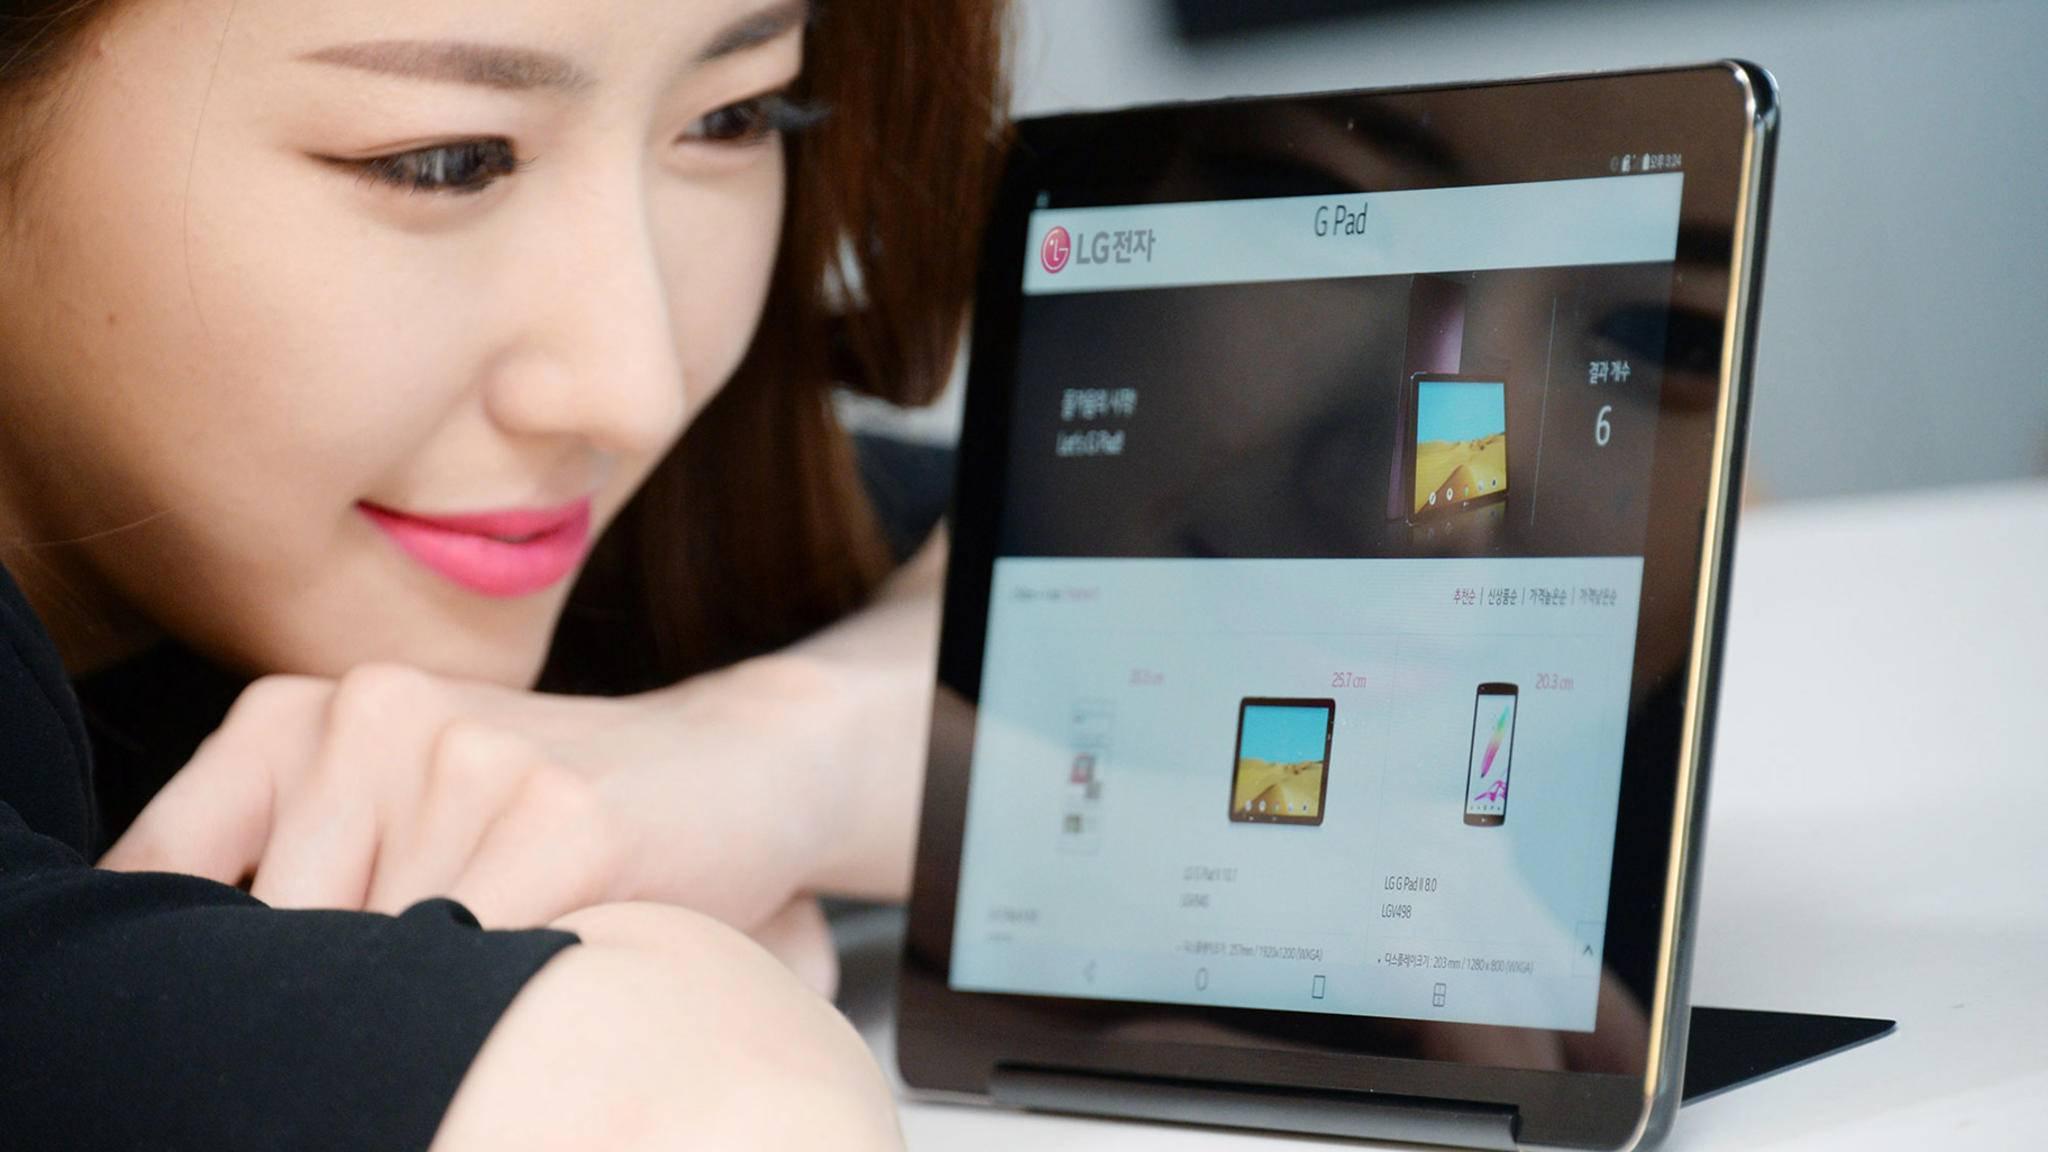 Das LG G Pad III erscheint zunächst in Südkorea.